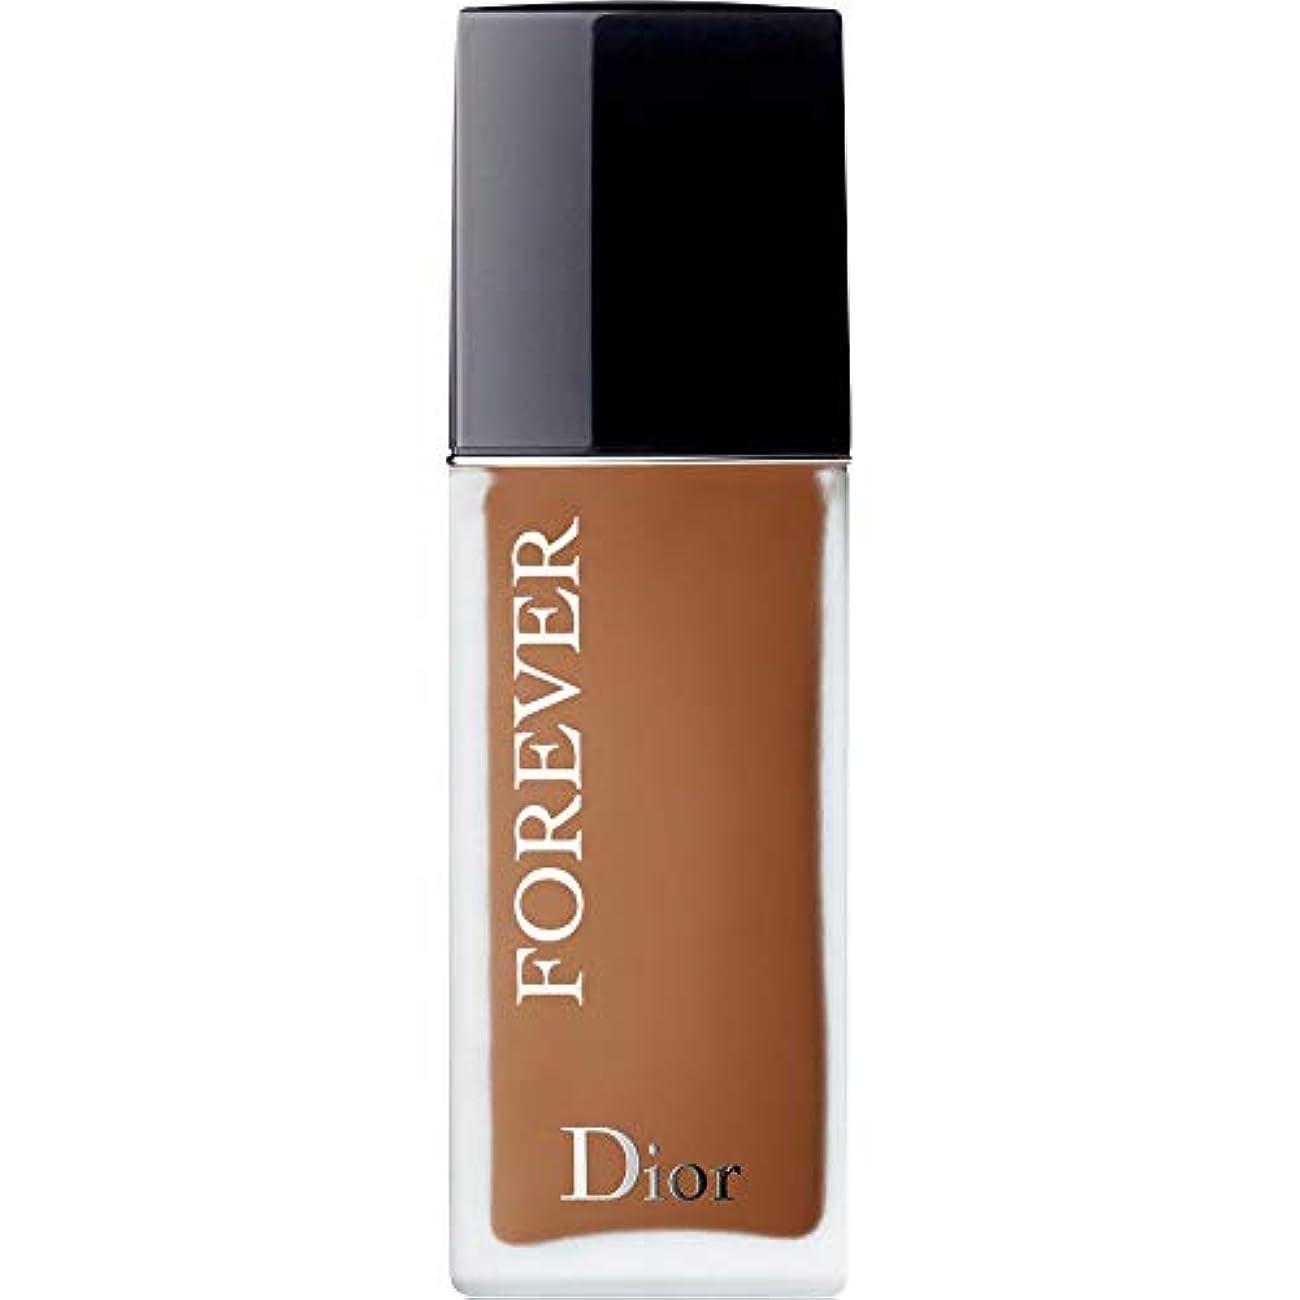 癒す人柄辞書[Dior ] ディオール永遠皮膚思いやりの基盤Spf35 30ミリリットルの6N - ニュートラル(つや消し) - DIOR Forever Skin-Caring Foundation SPF35 30ml 6N -...